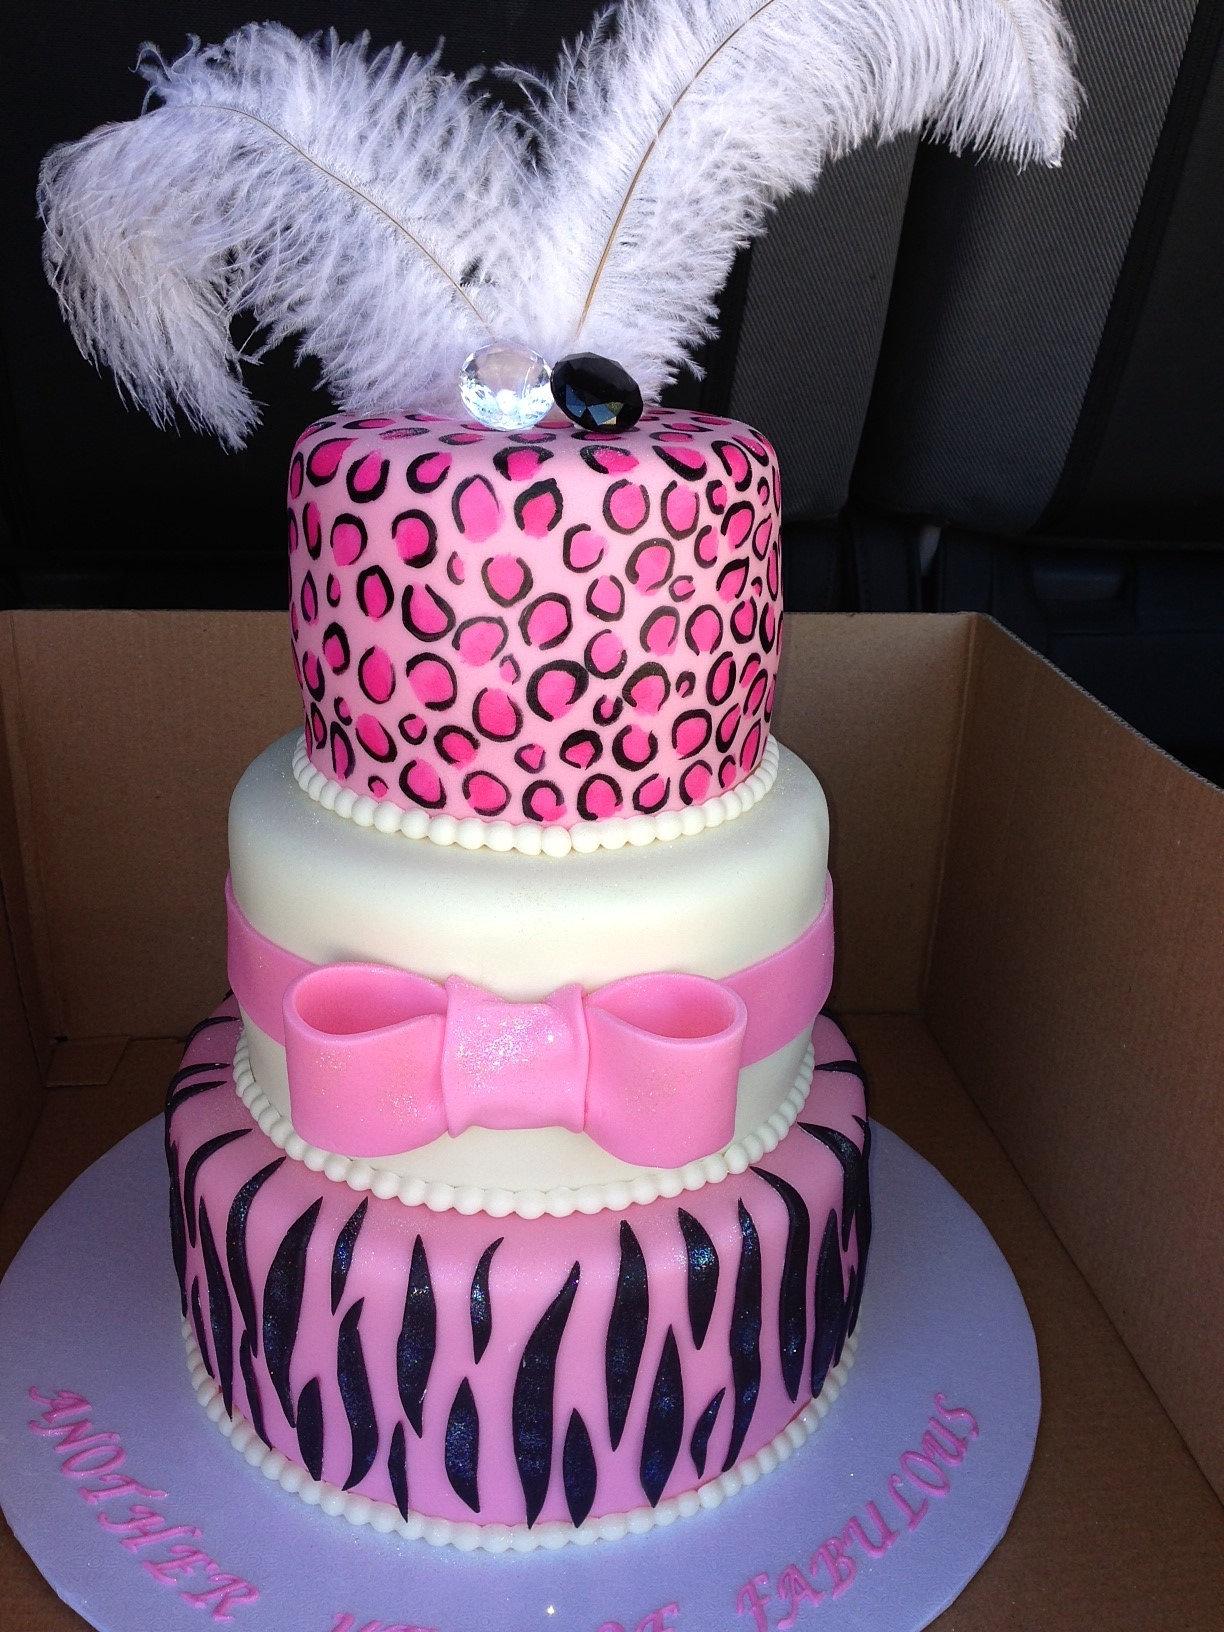 Cake Bakery In Moreno Valley